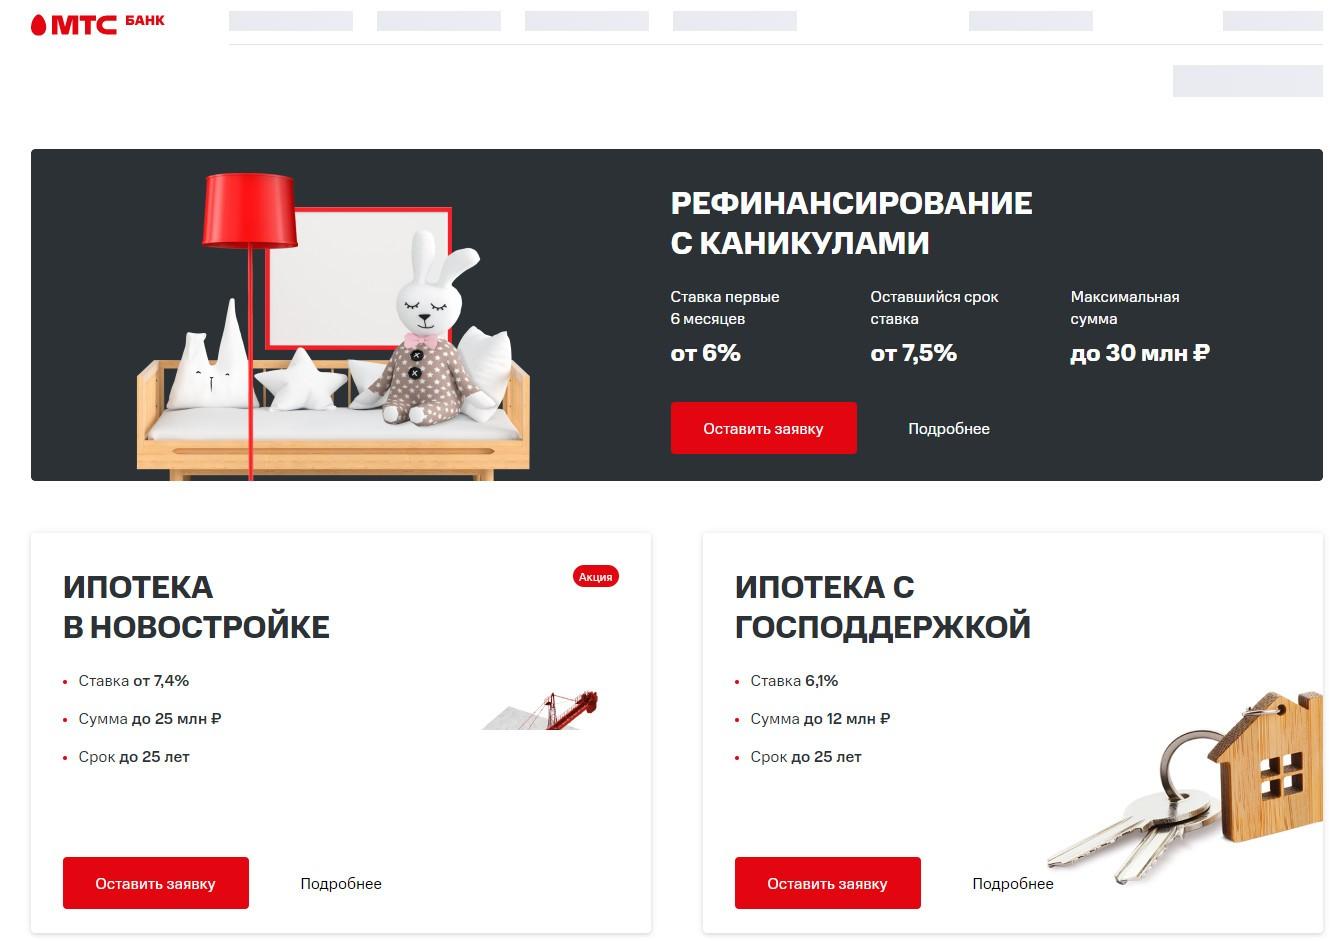 официальный сайт МТС банка